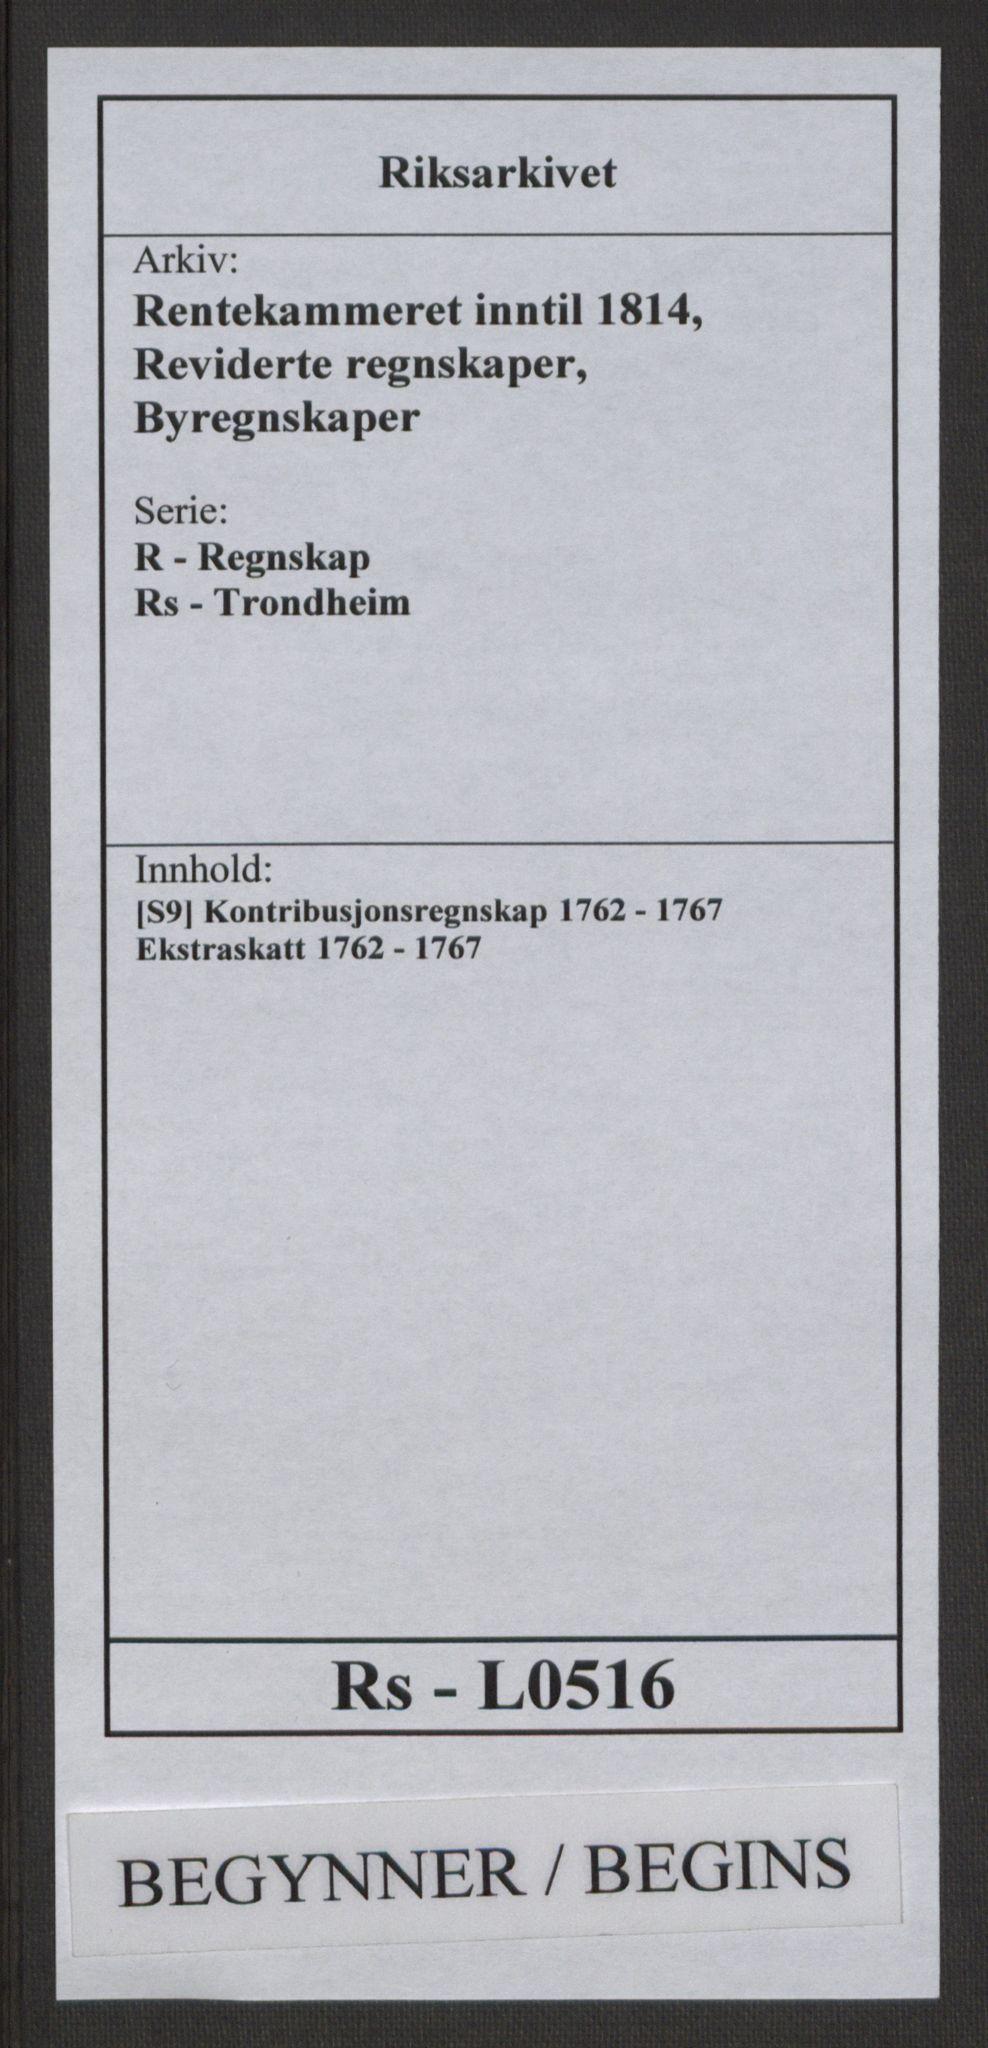 RA, Rentekammeret inntil 1814, Reviderte regnskaper, Byregnskaper, R/Rs/L0516: [S9] Kontribusjonsregnskap, 1762-1767, s. 1